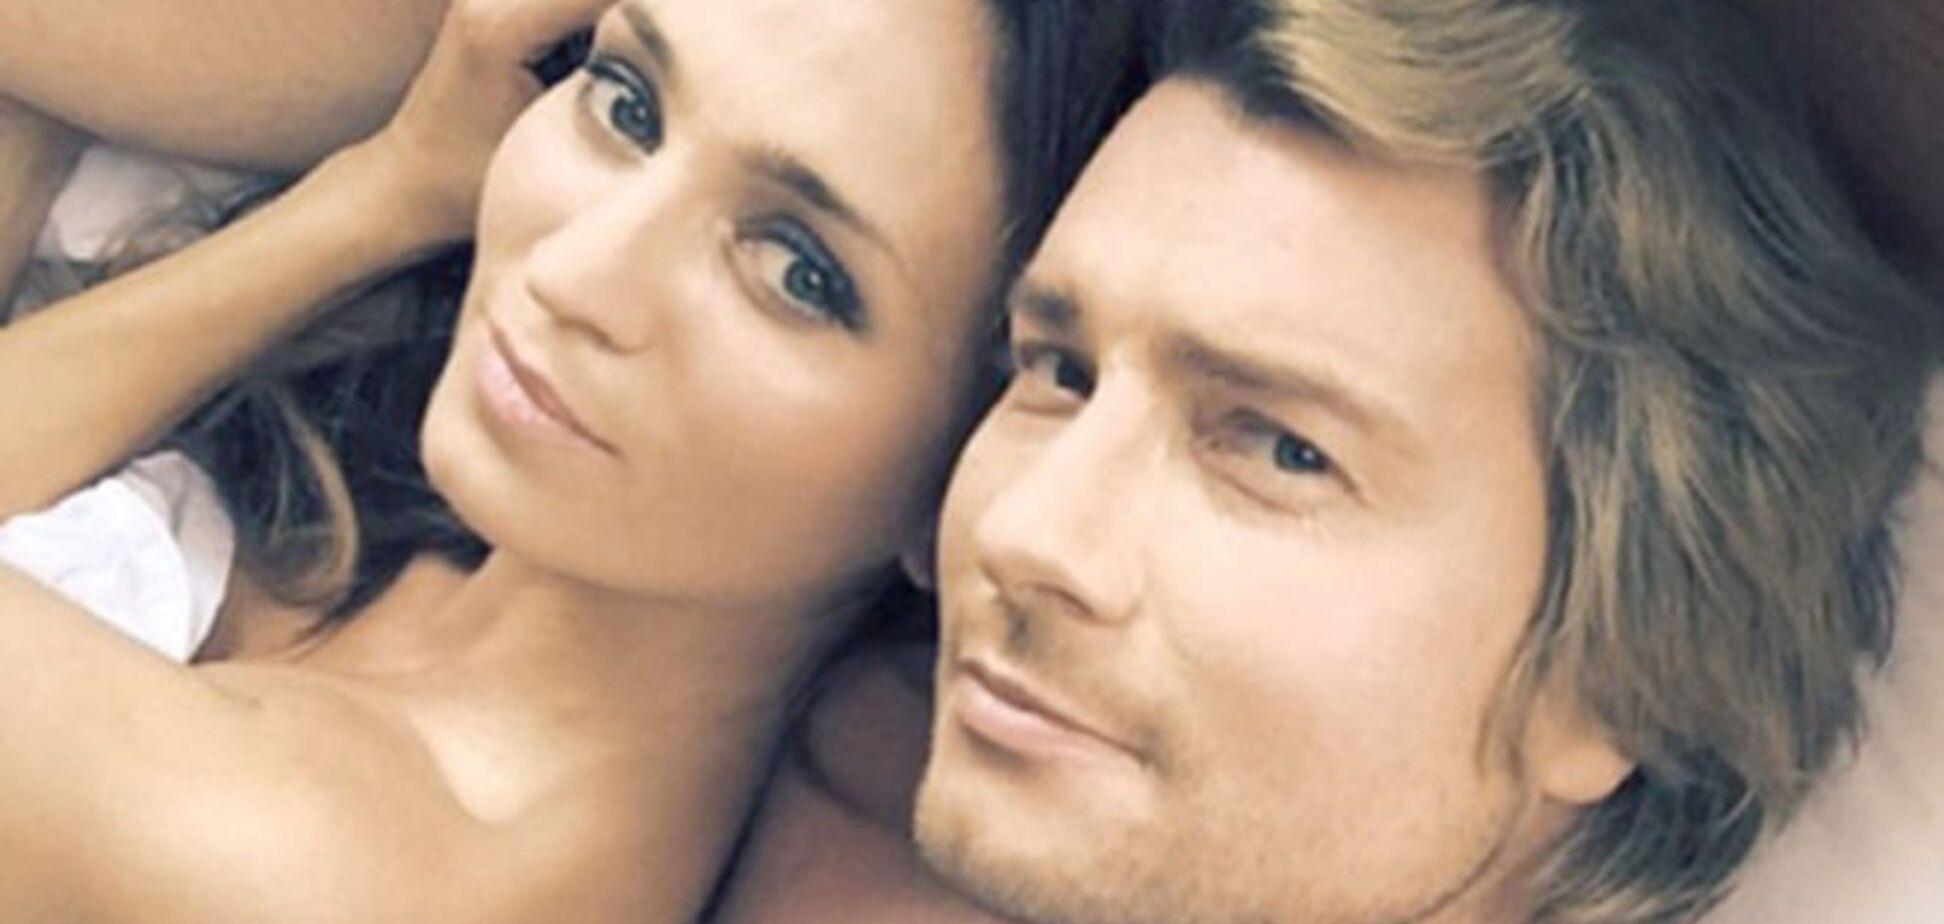 Басков опубликовал откровенные селфи в постели с невестой